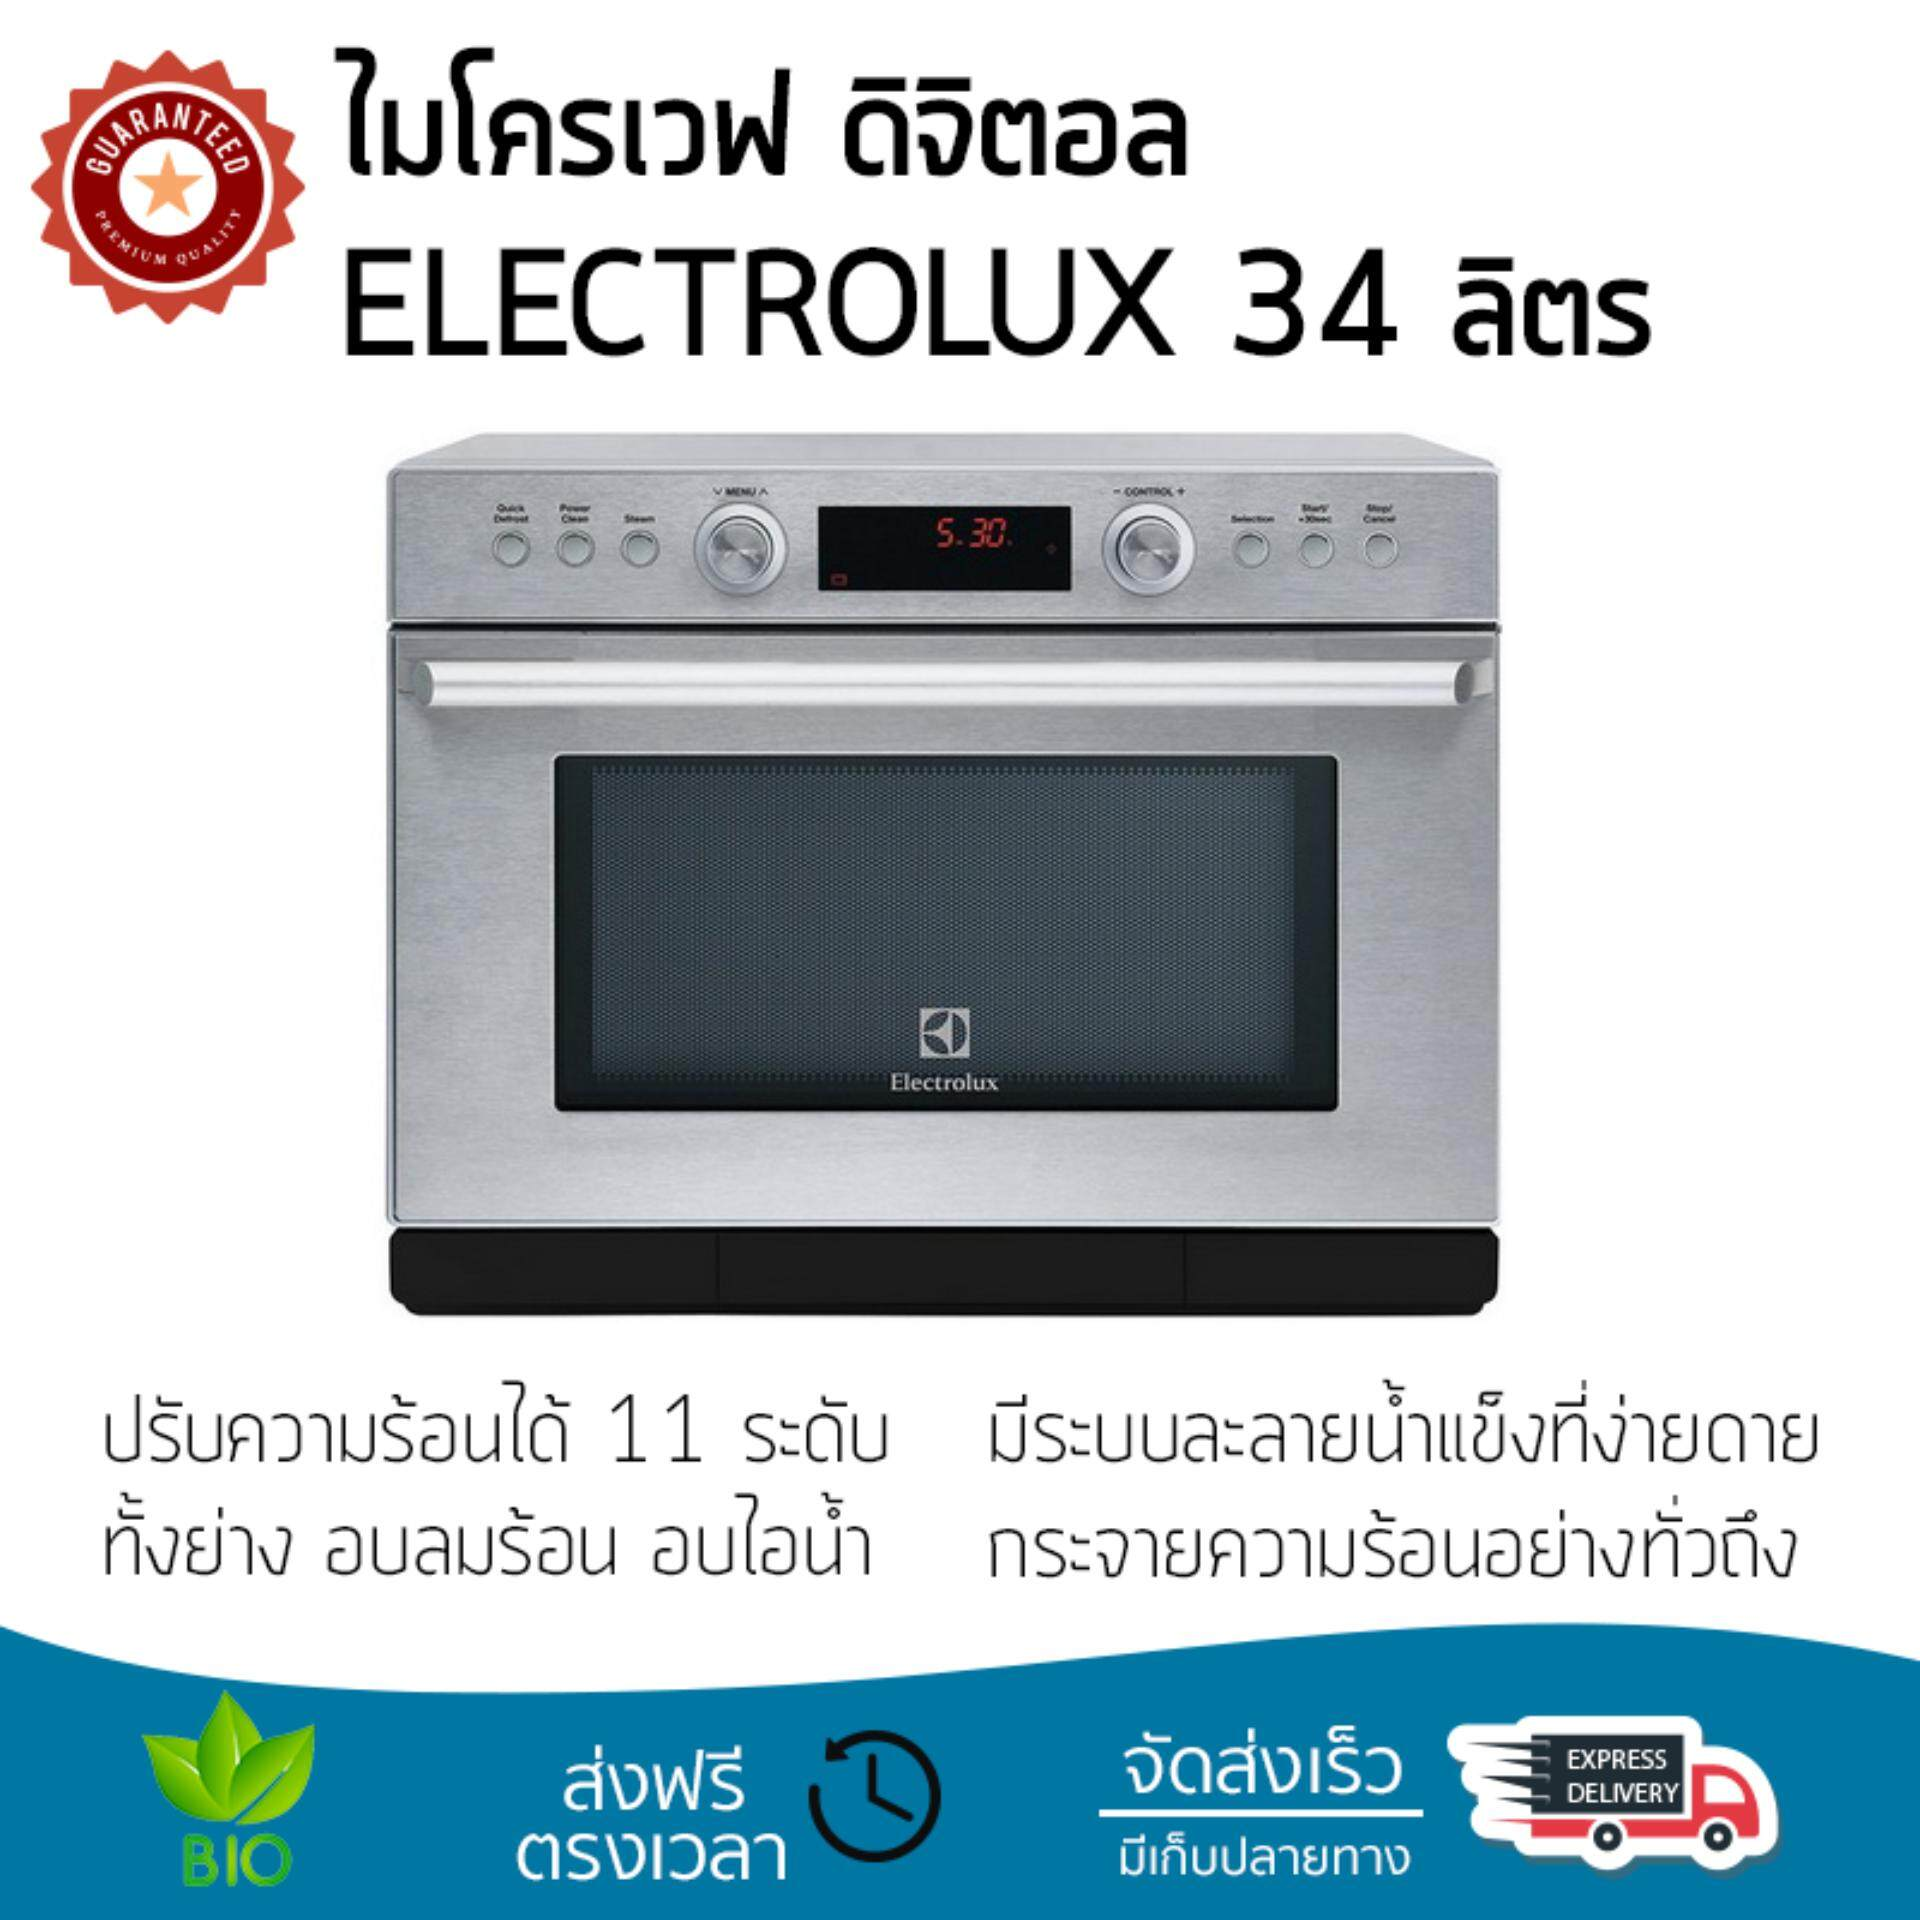 รุ่นใหม่ล่าสุด ไมโครเวฟ เตาอบไมโครเวฟ ไมโครเวฟ ดิจิตอล ELECTROLUX EMS3477X 34L | ELECTROLUX | EMS3477X ปรับระดับความร้อนได้หลายระดับ มีฟังก์ชันละลายน้ำแข็ง ใช้งานง่าย Microwave จัดส่งฟรีทั่วประเทศ